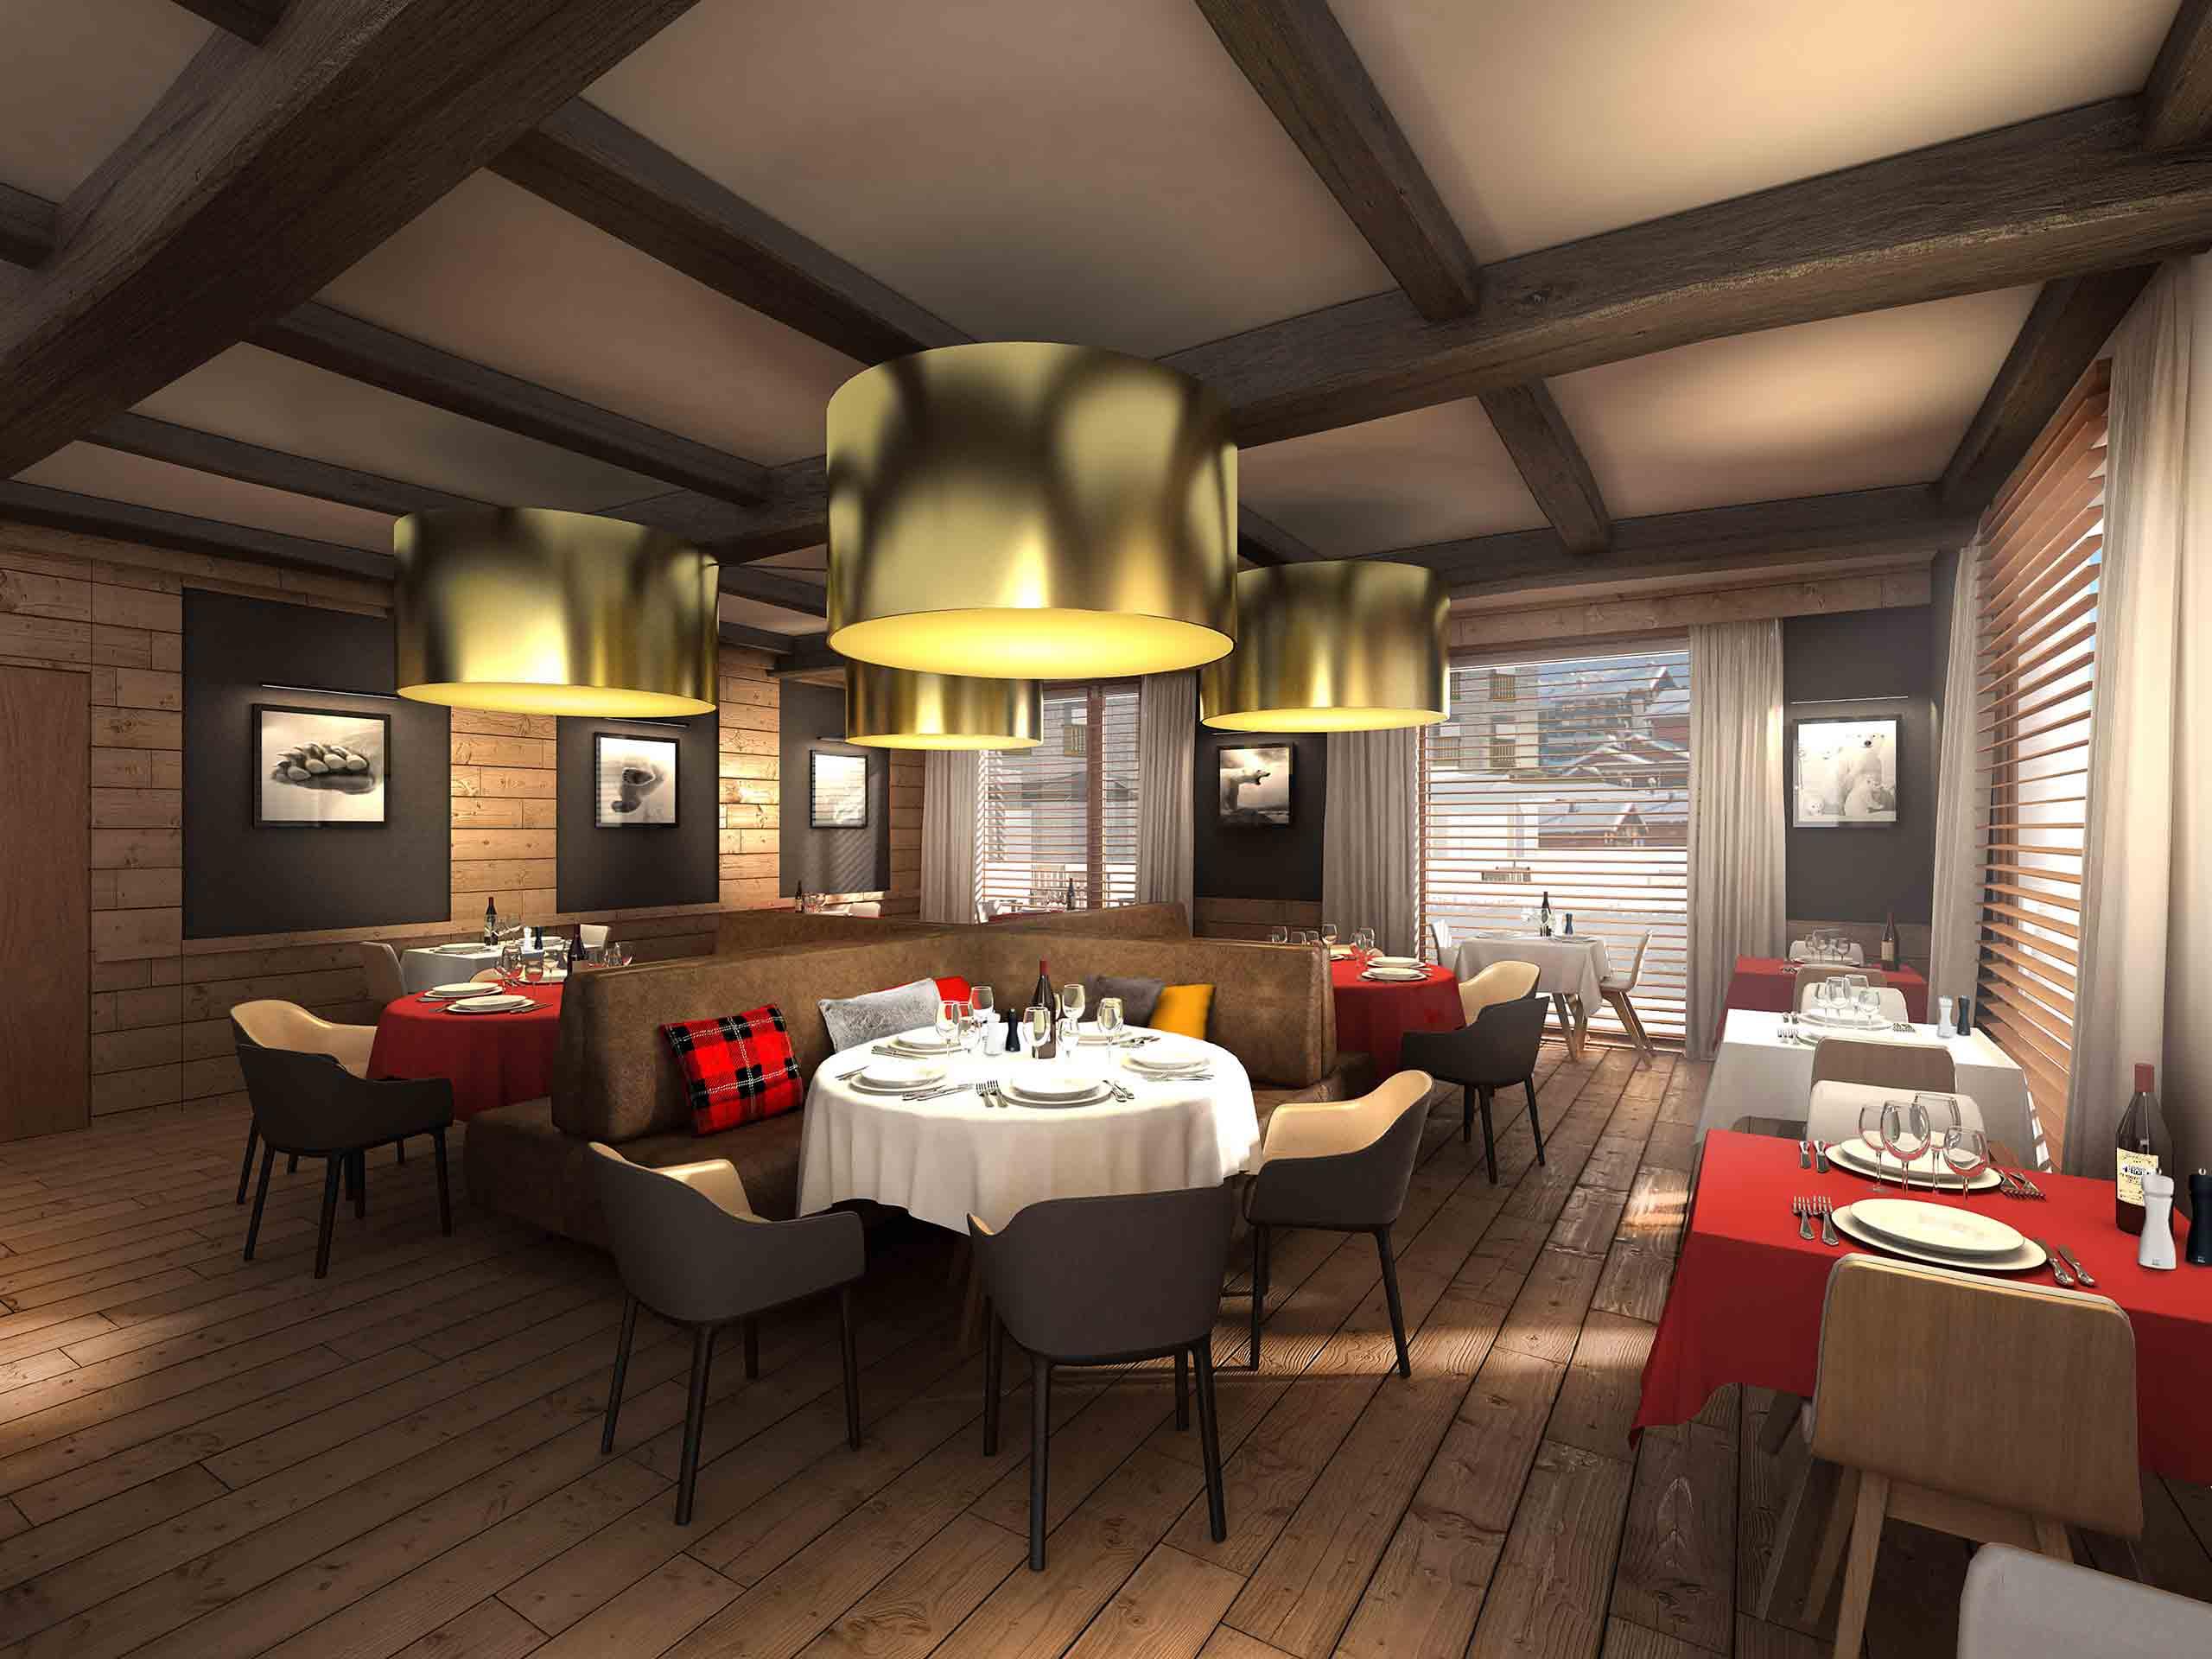 Hotels_Rendering_GRA_Hotel_Restaurant_ASA